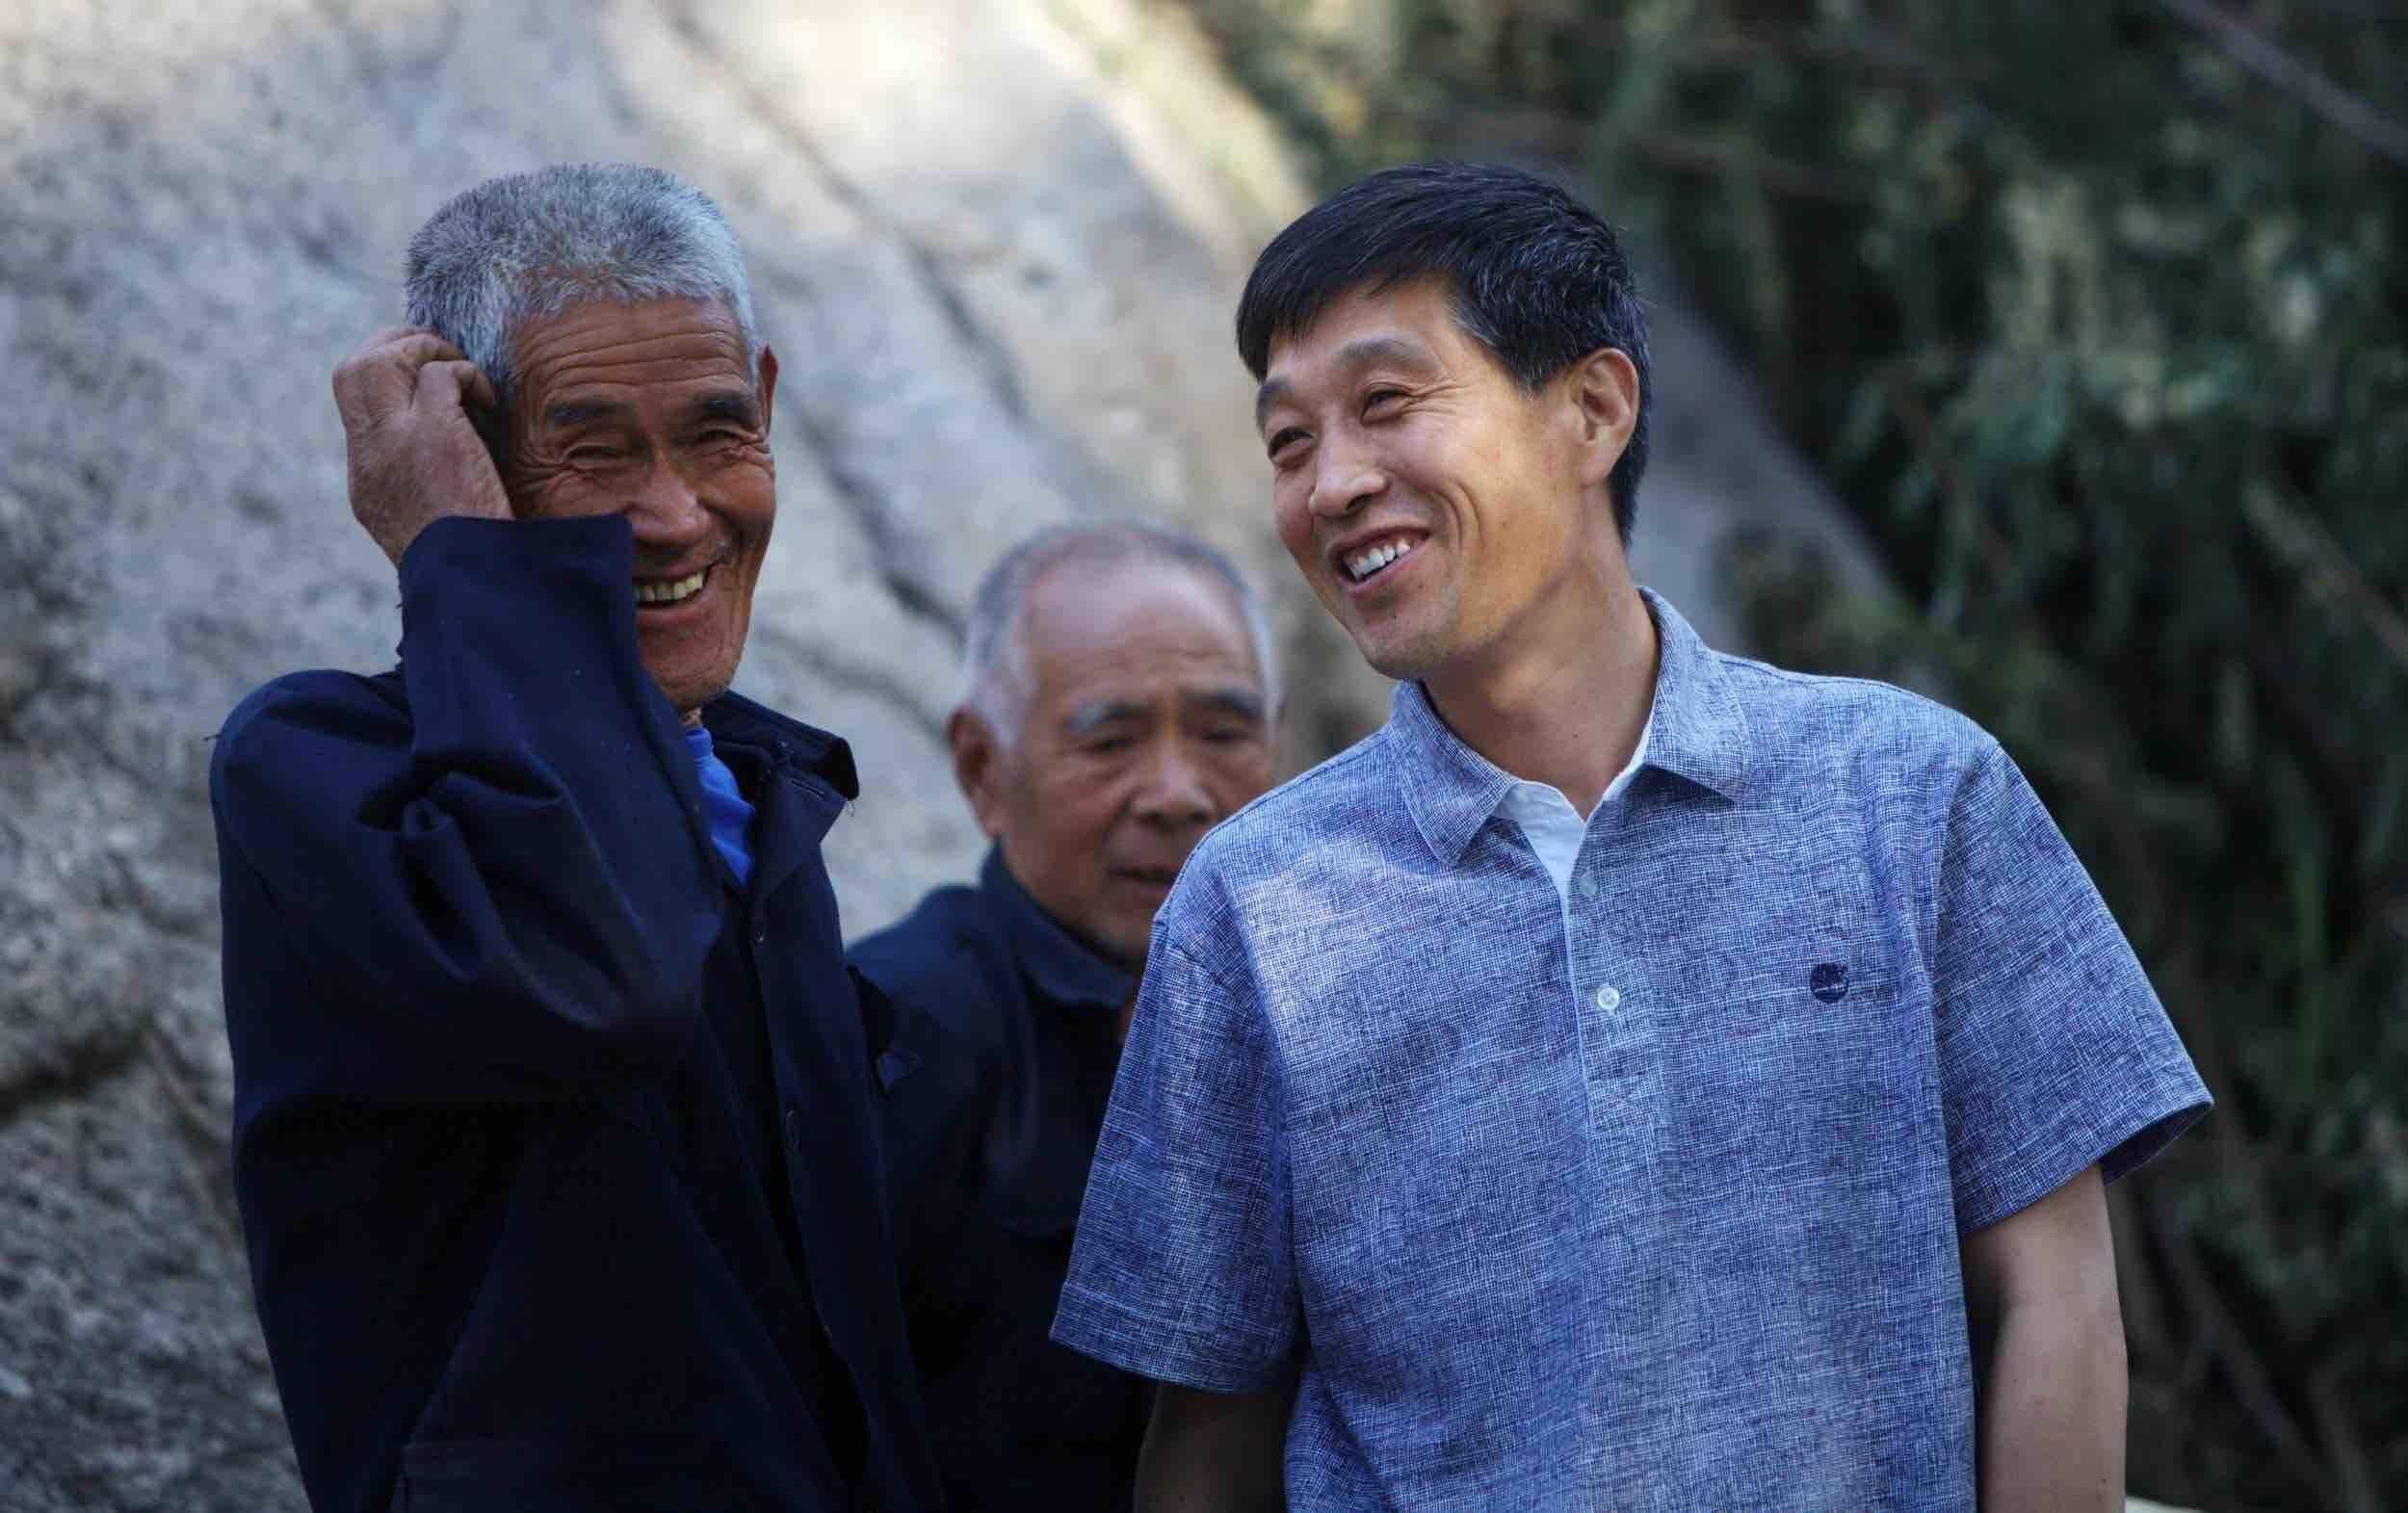 致敬!淄博市2名个人和1个集体获全国脱贫攻坚先进表彰